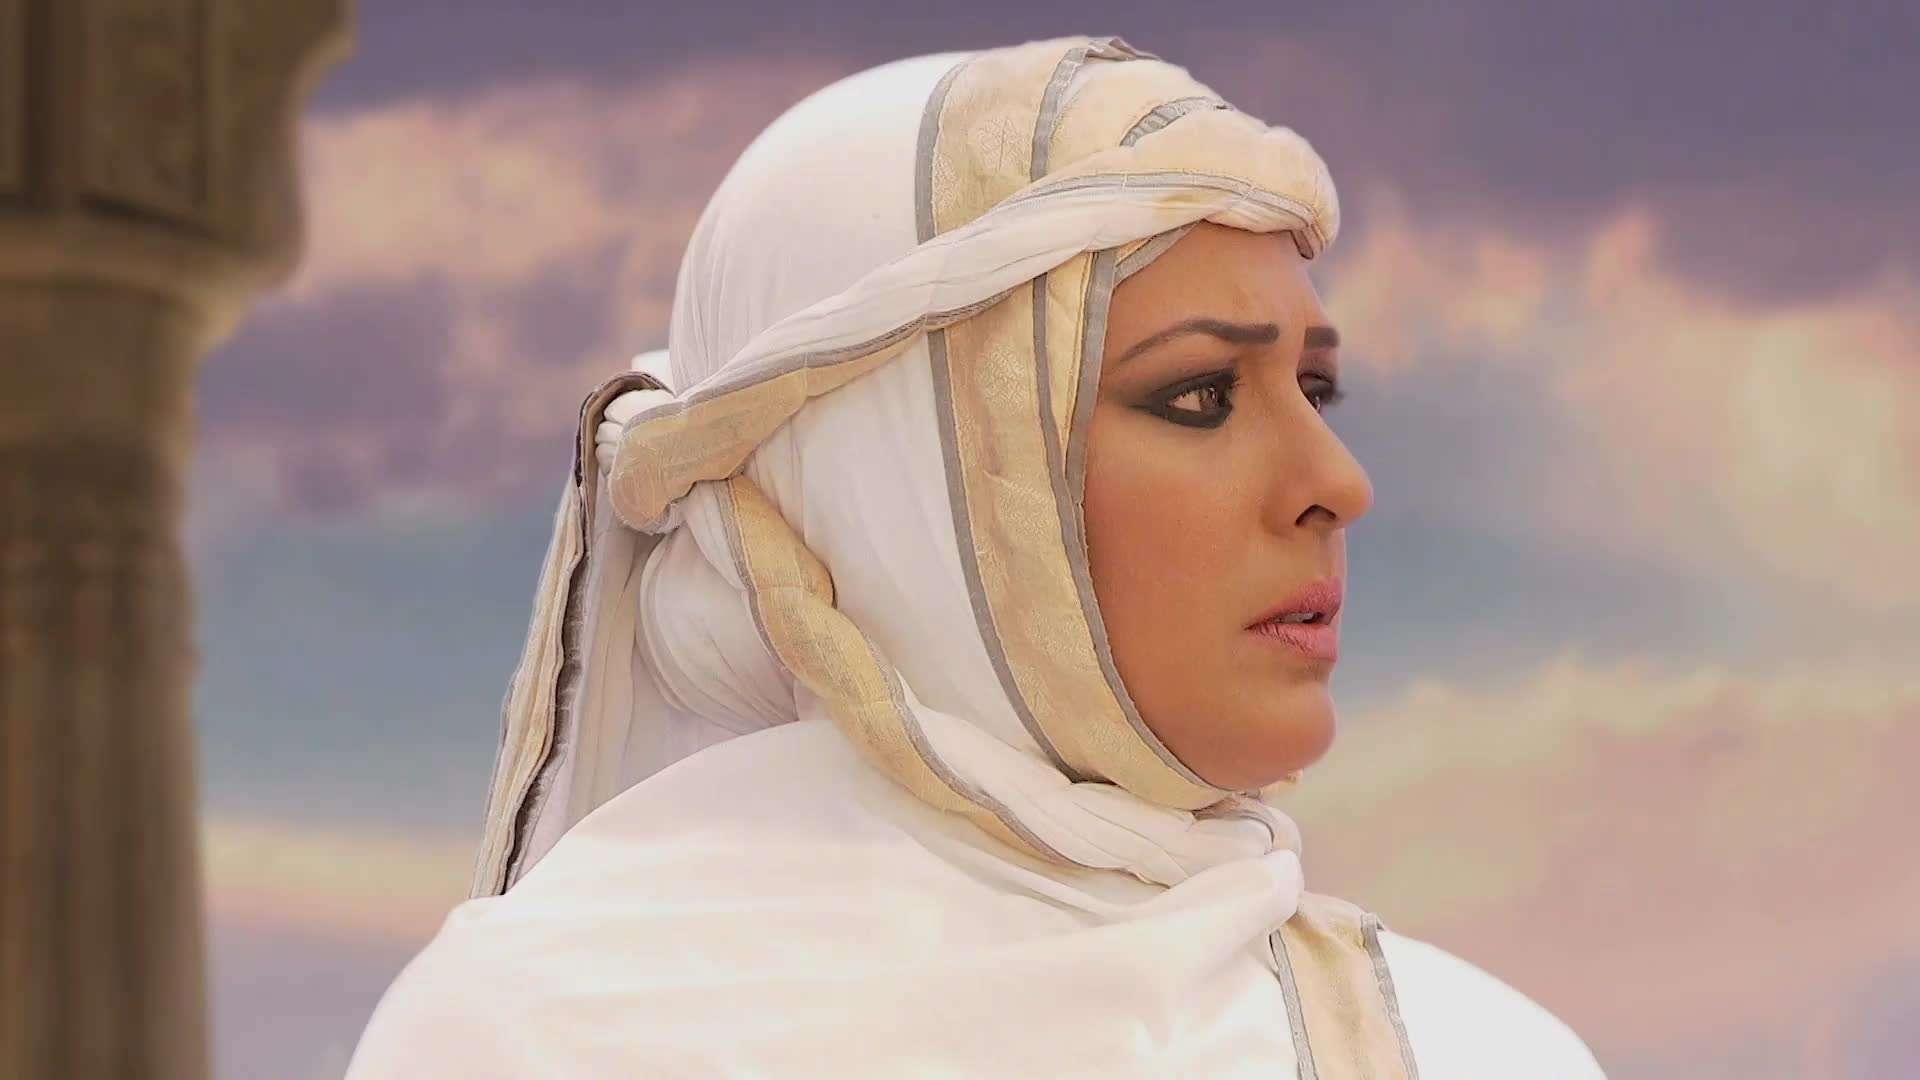 المسلسل الهندي التاريخي جودا أكبر الجزء الثاني (2013) [مدبلج] كامل 1080p تحميل تورنت 3 arabp2p.com